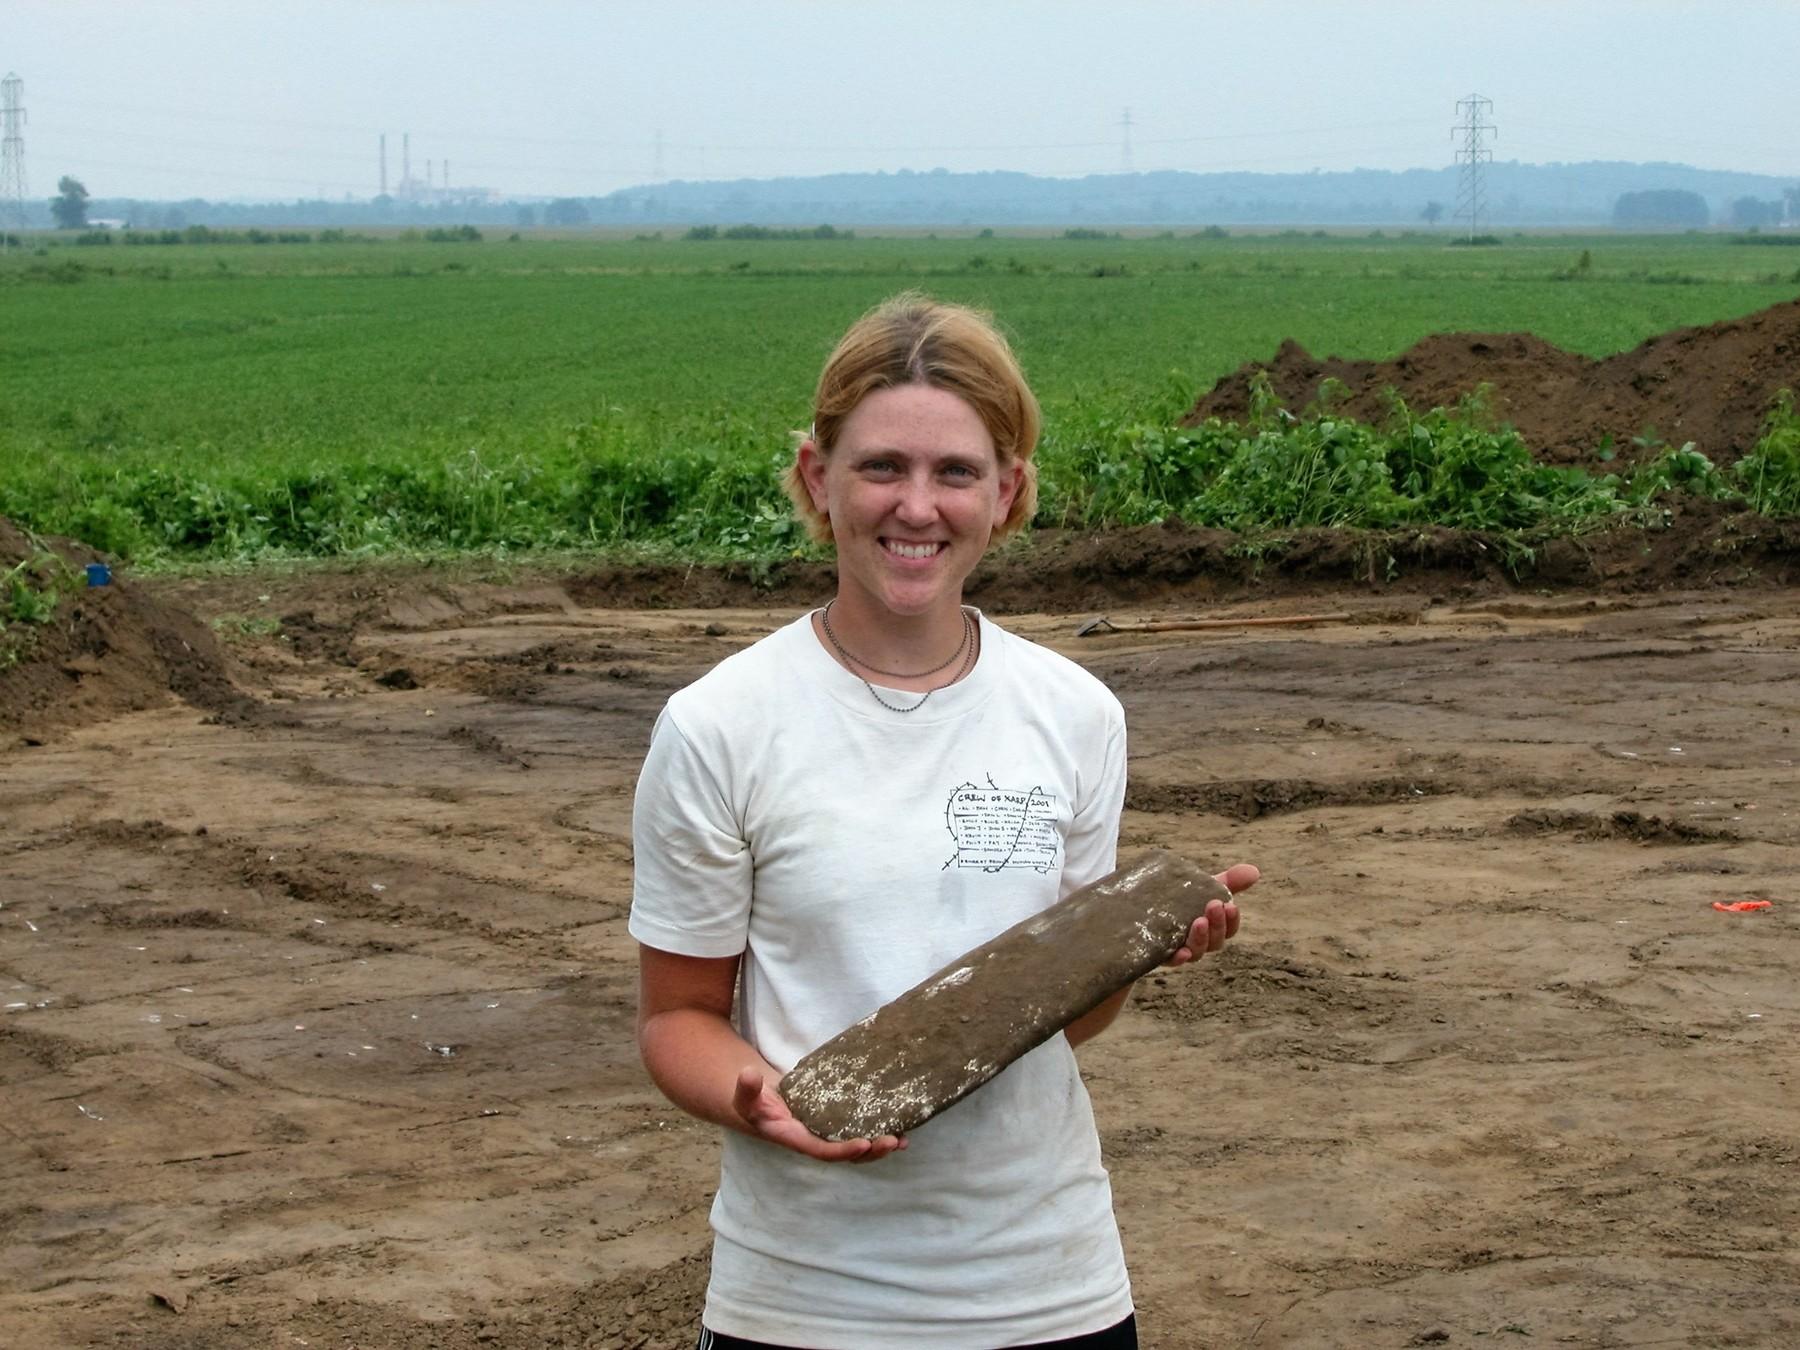 Alleen Betzenhauser holds an artifact